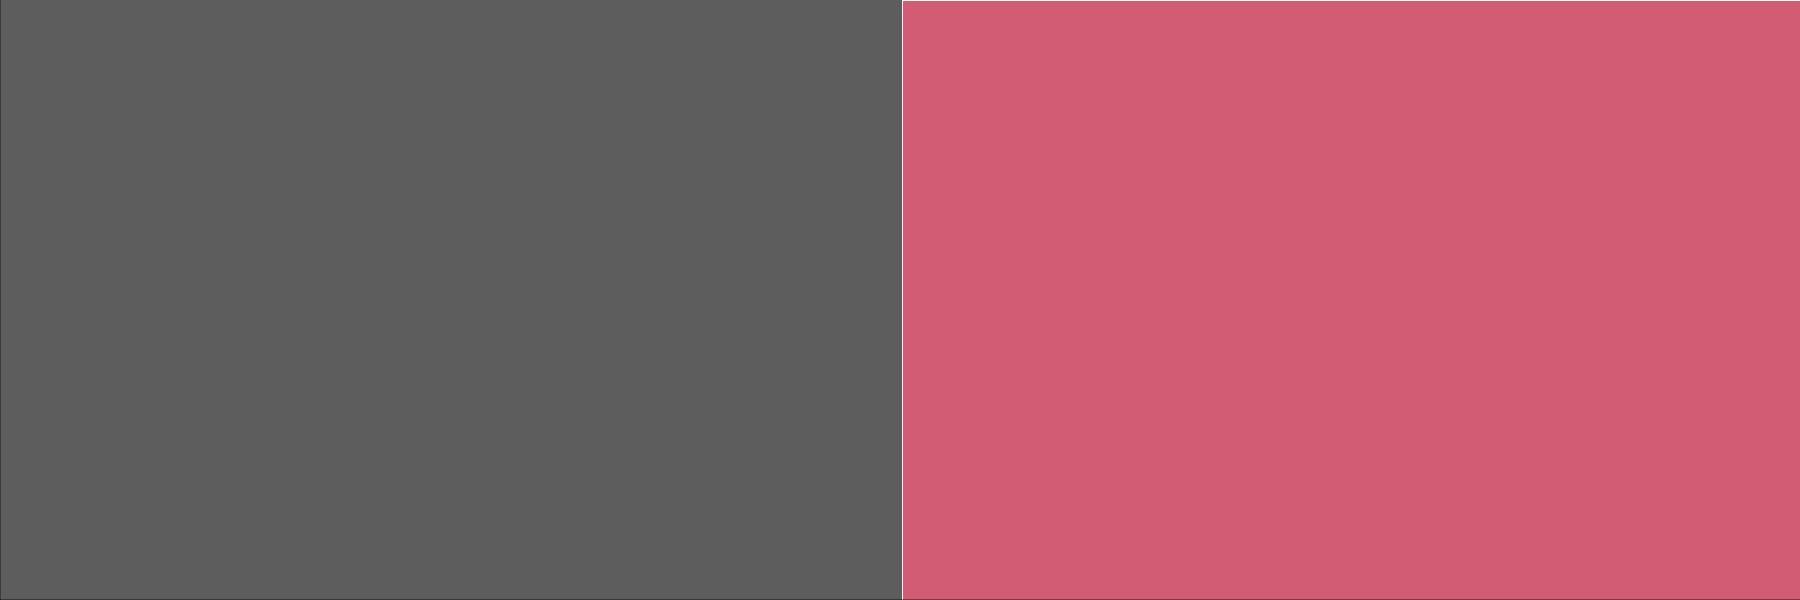 greysalmon.jpg